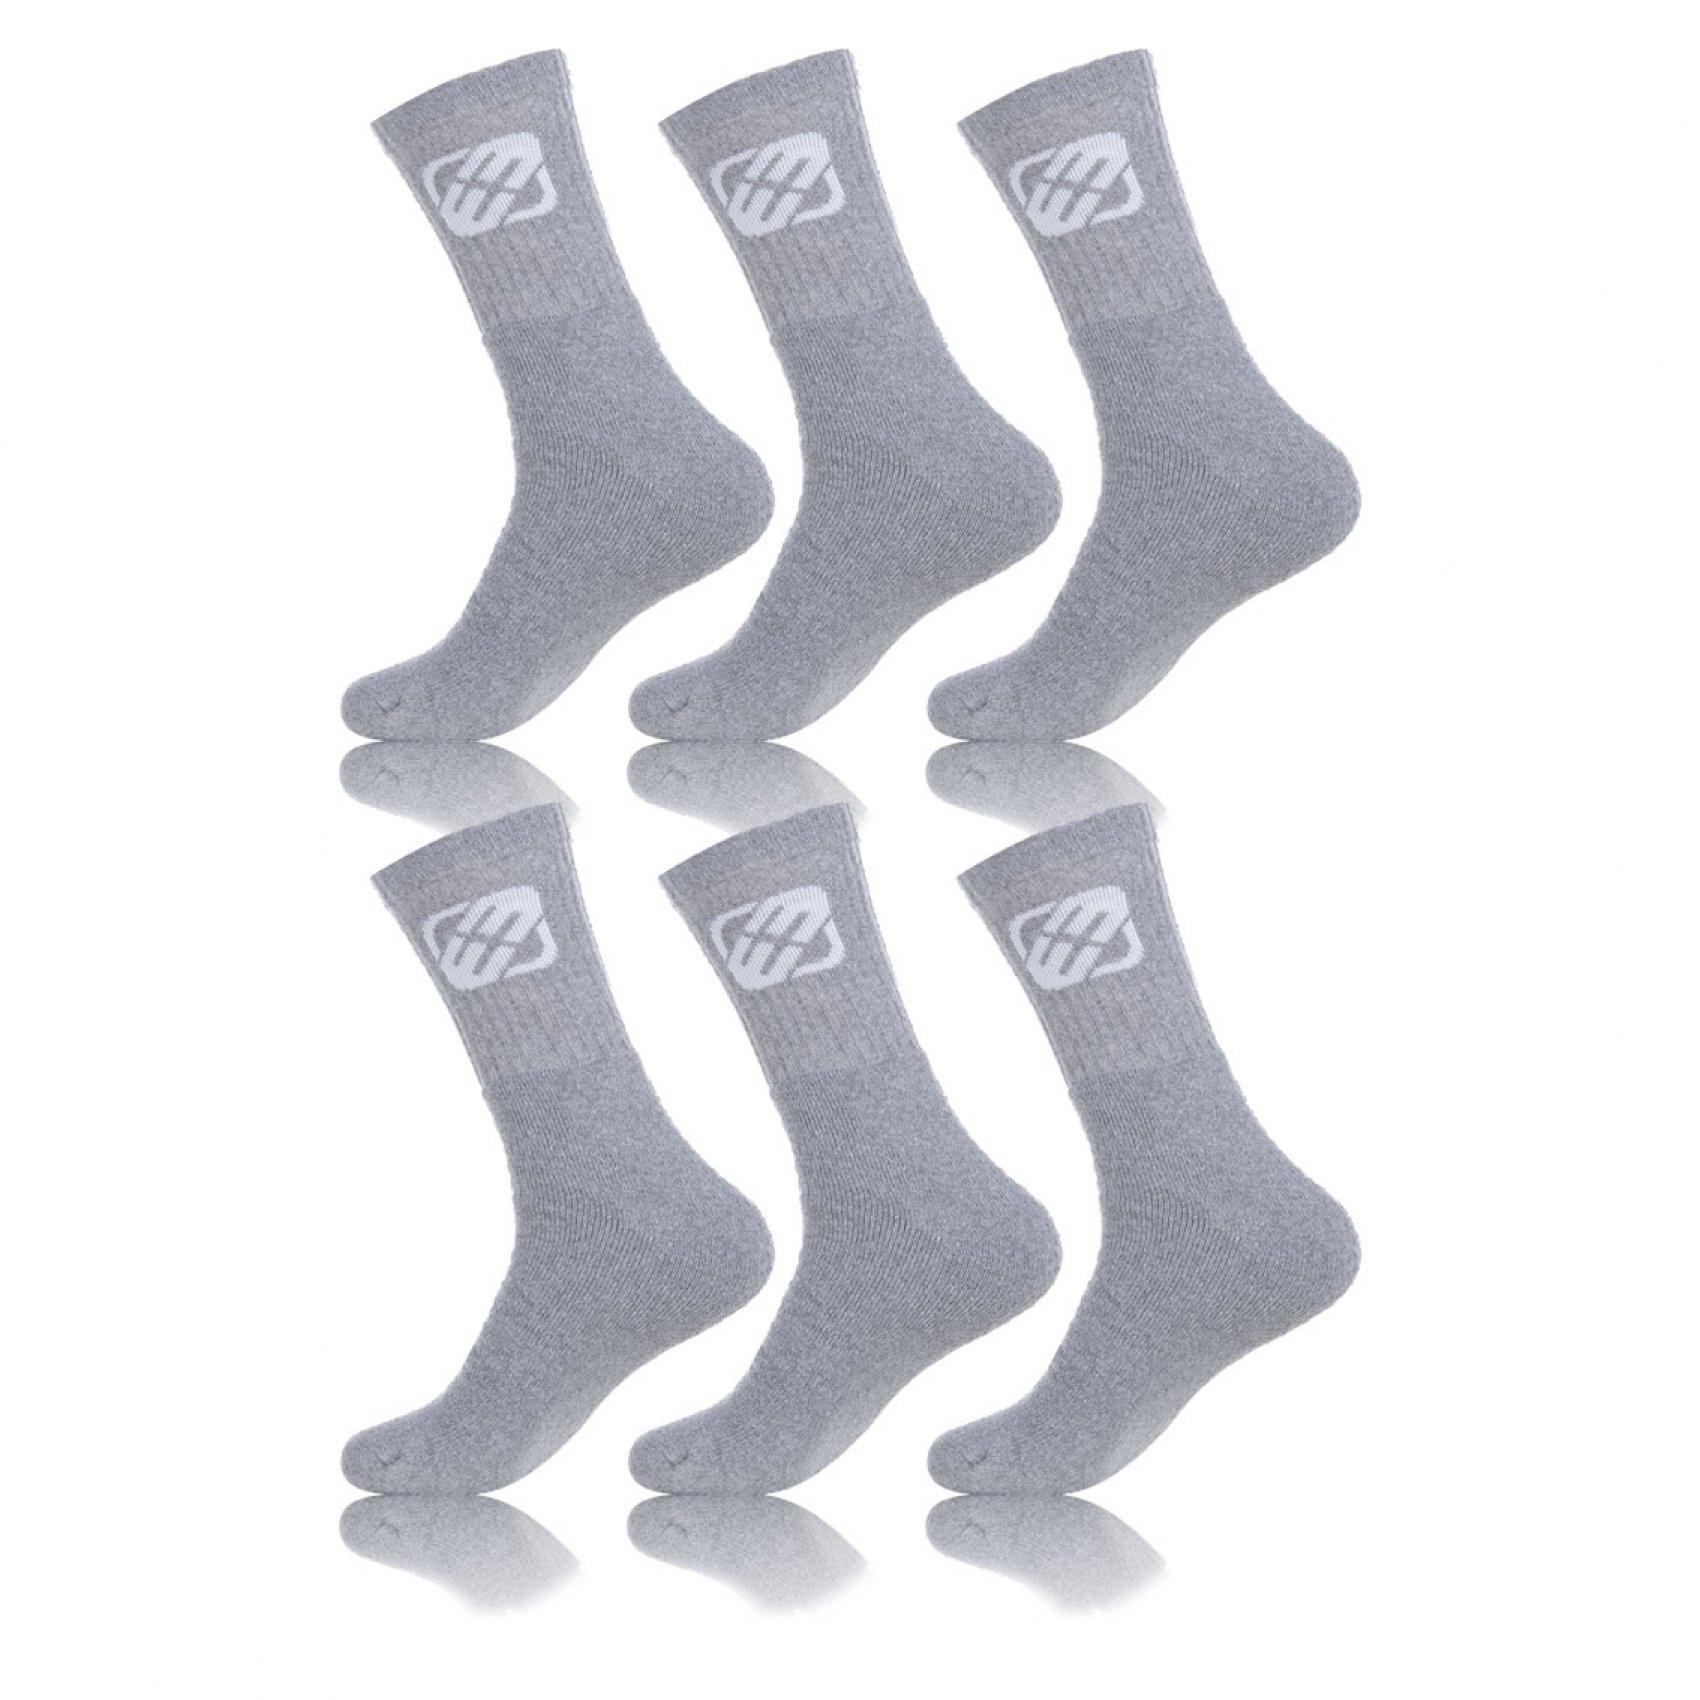 Lot de 6 paires de chaussettes homme uni grises (photo)